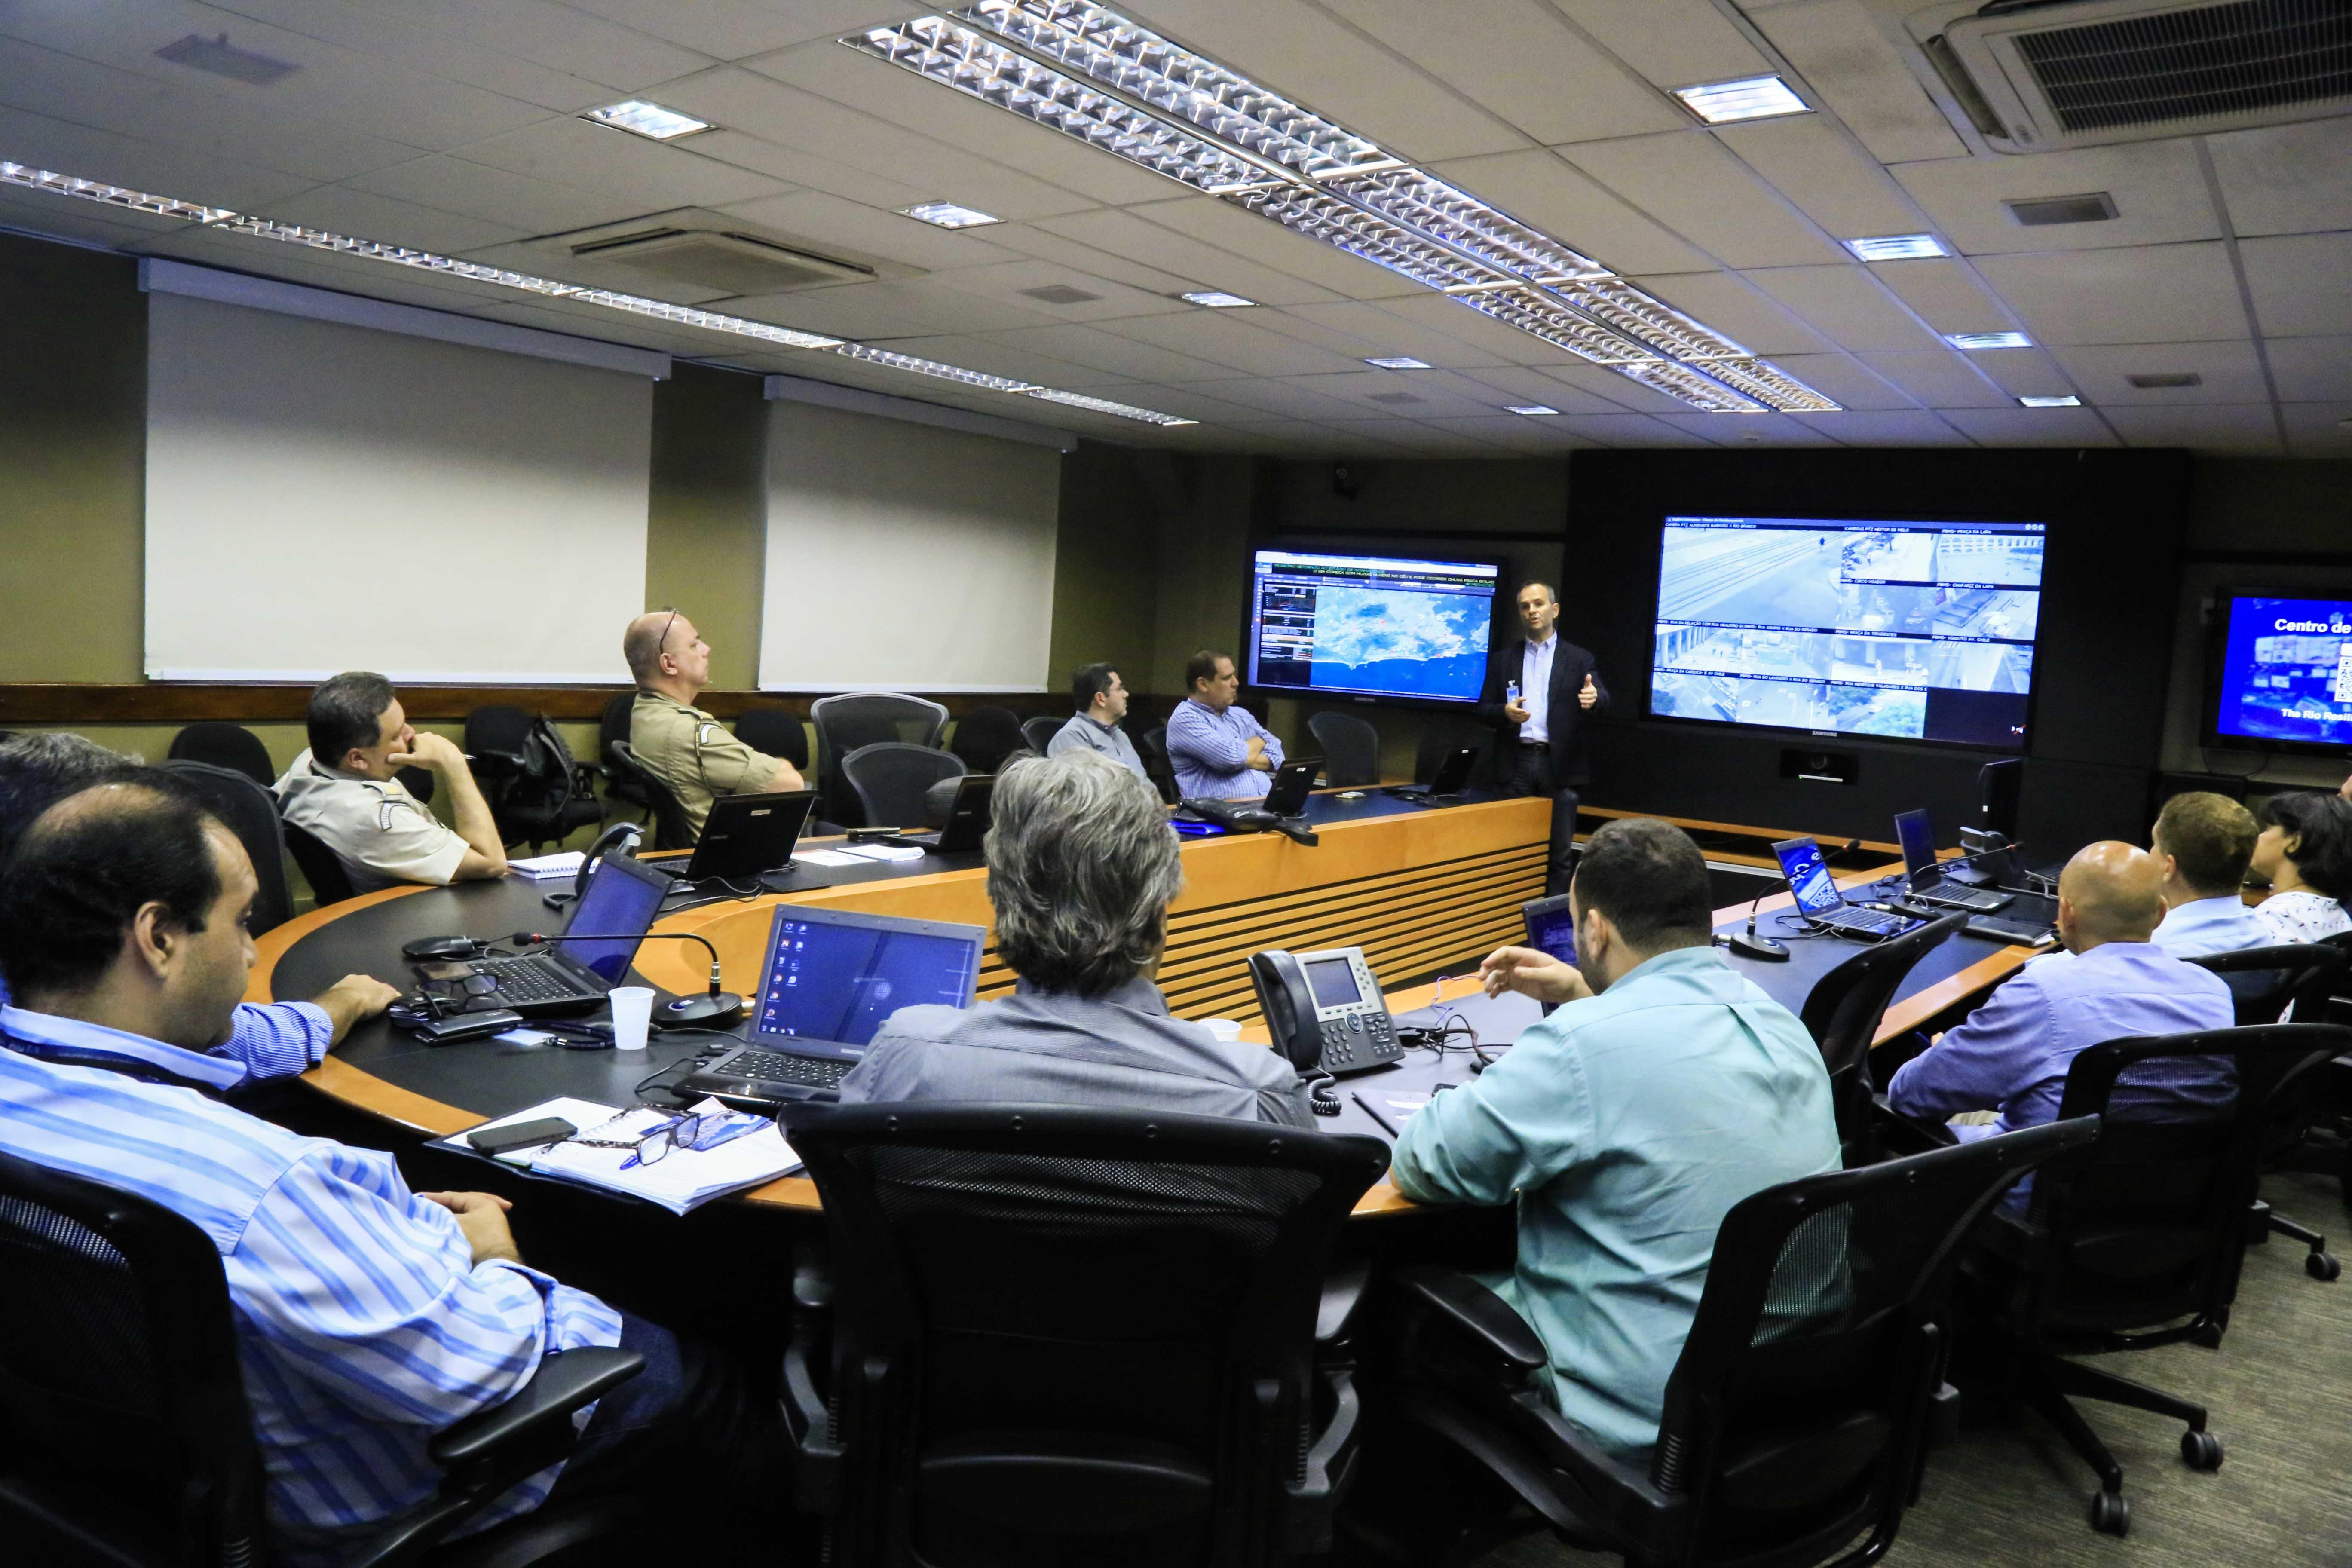 COR recebe imagens de câmeras da iniciativa privada usadas no monitoramento da Lapa